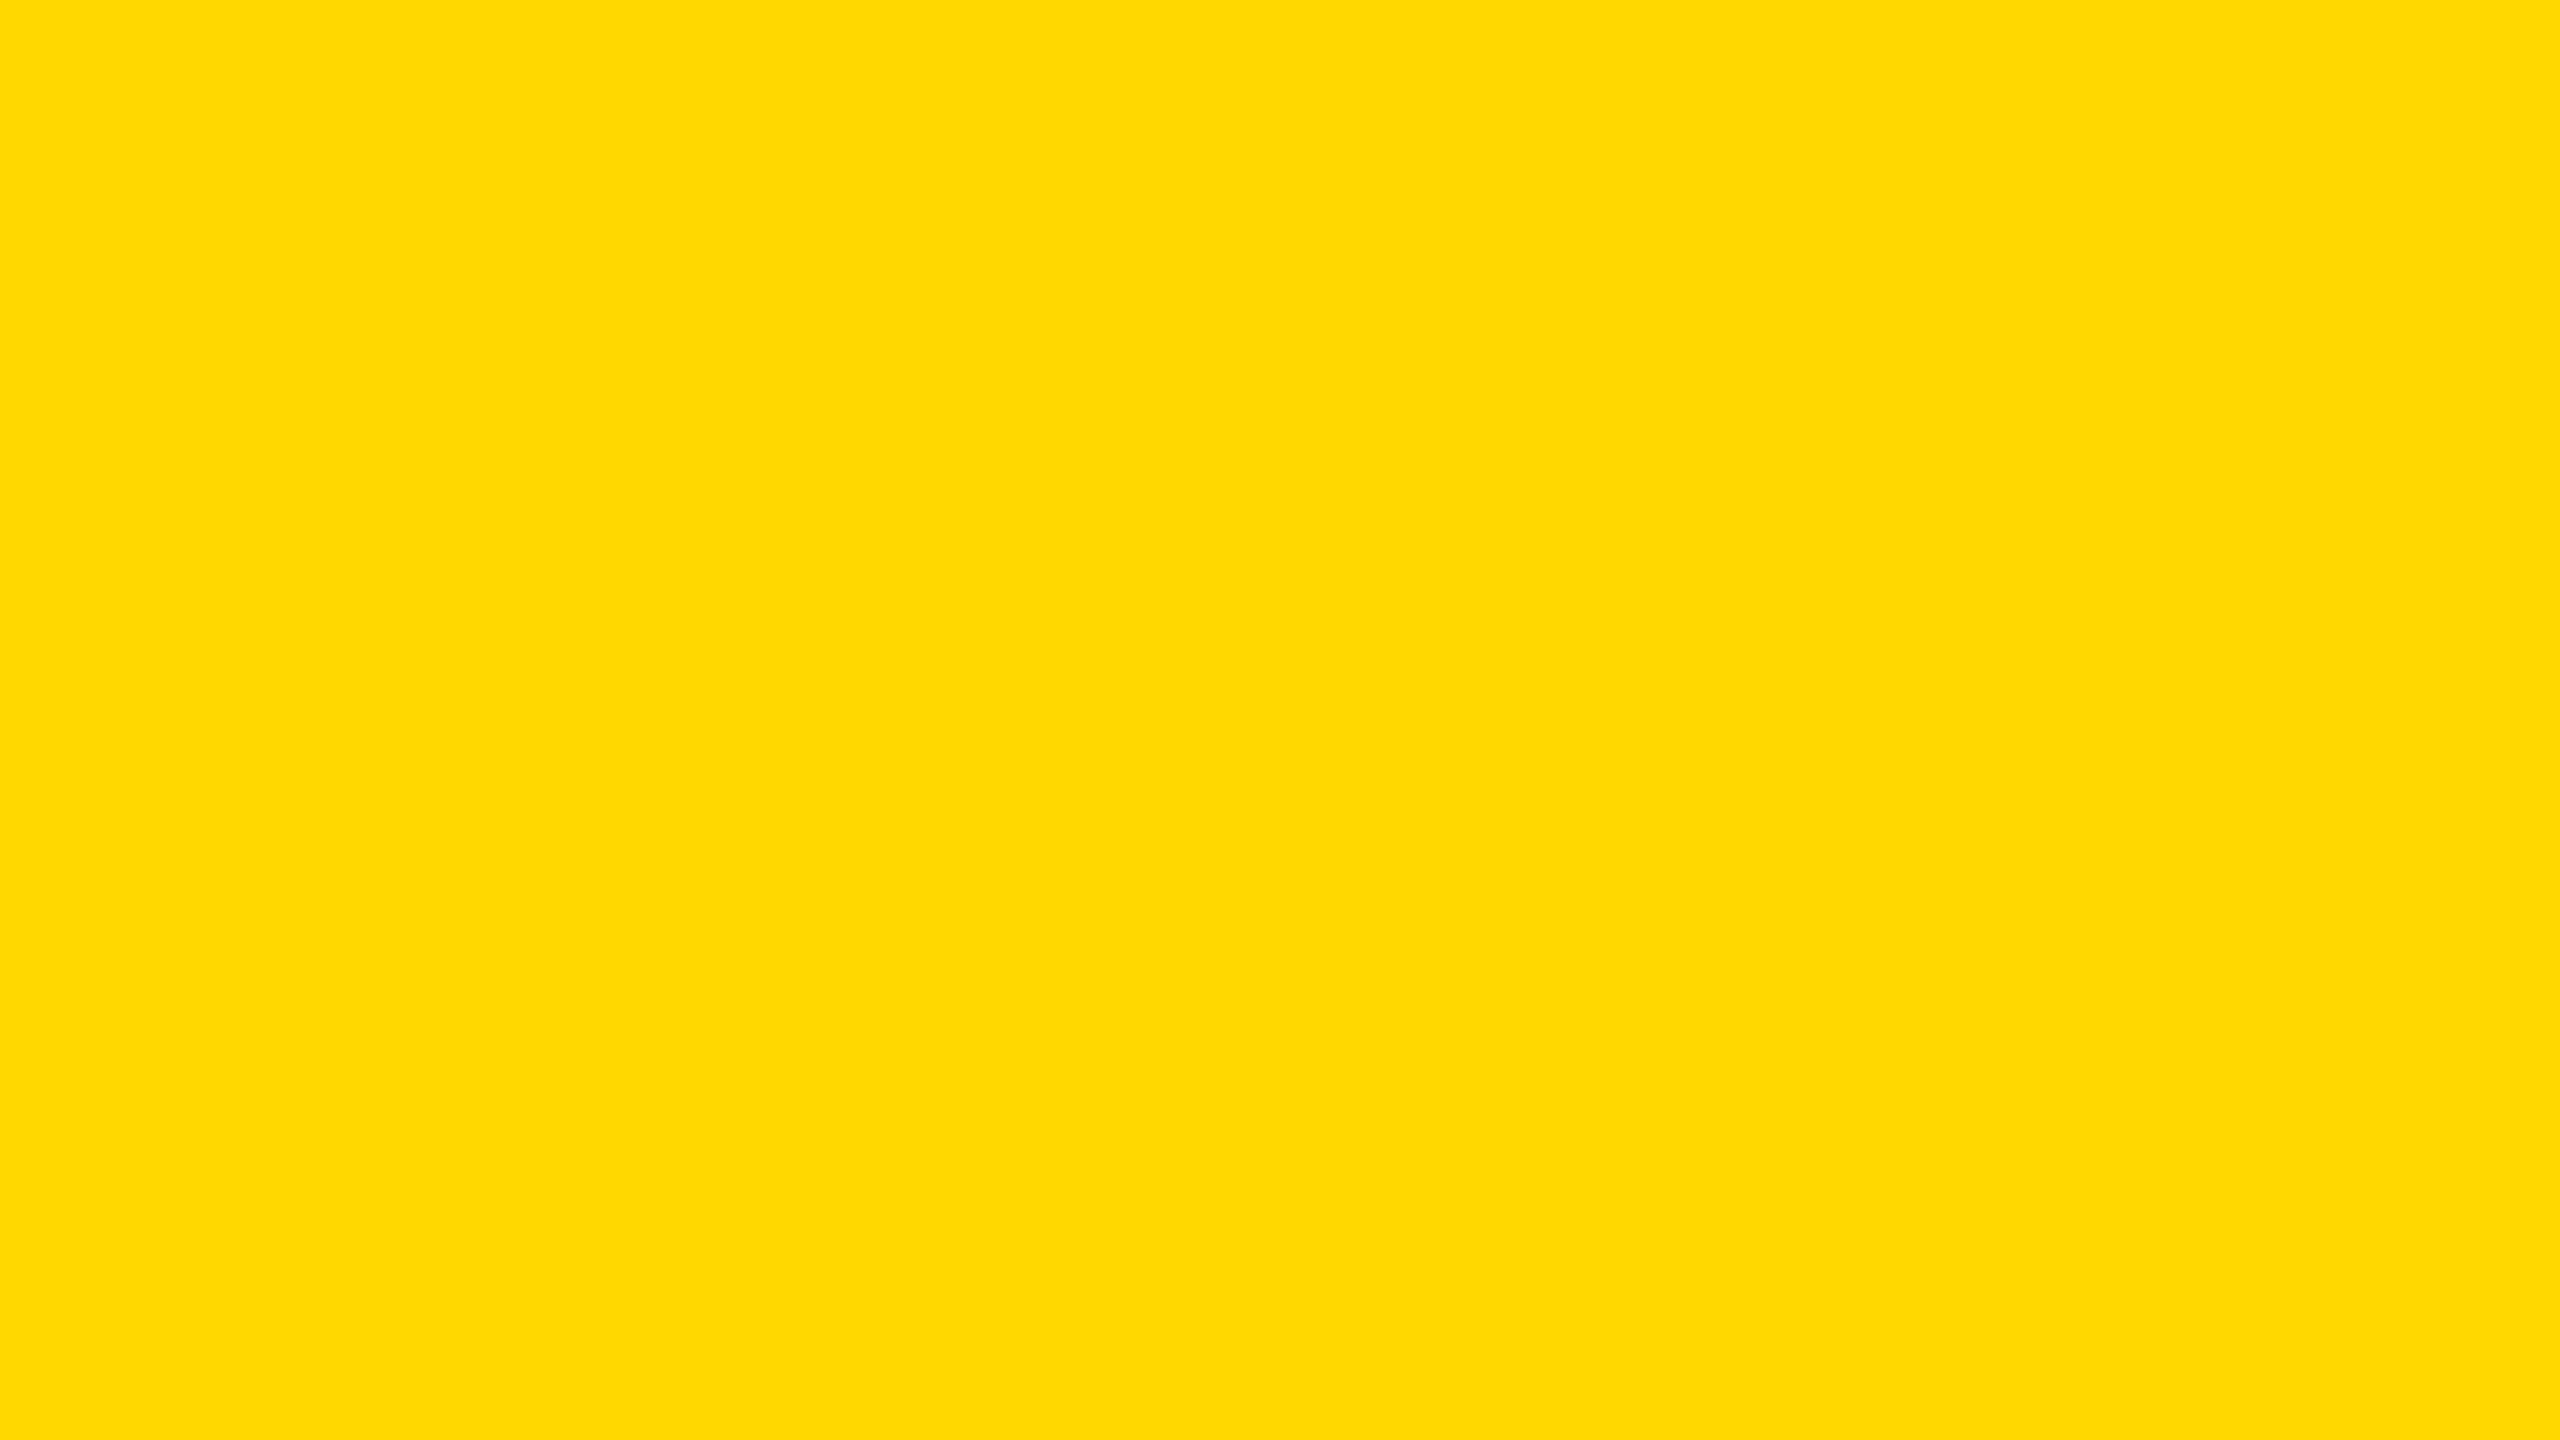 Yellow Wallpaper HD - WallpaperSafari